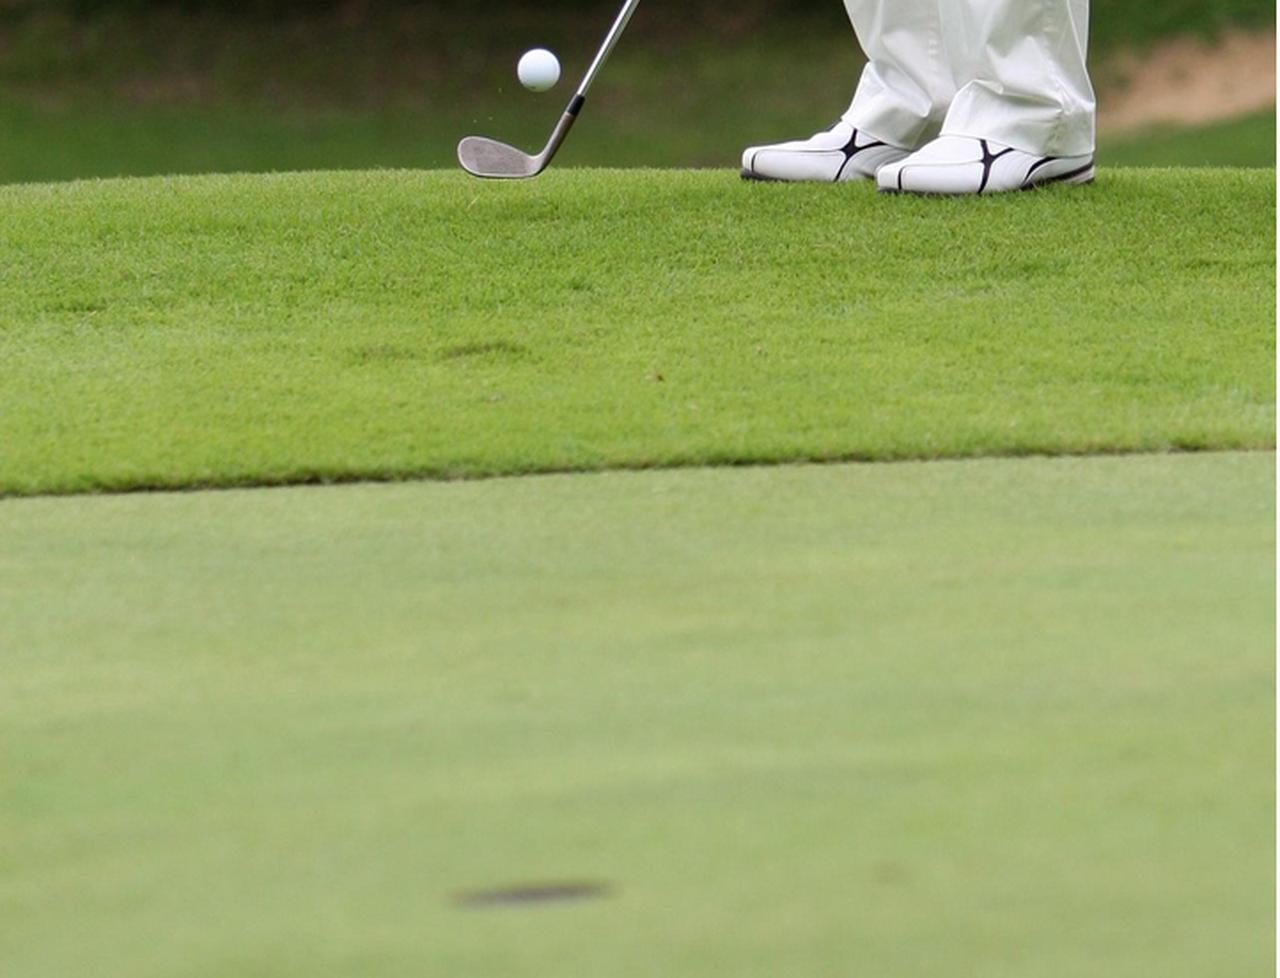 画像: チップインへの小さな工夫。「ピン抜きアプローチ」が効くぞ! - みんなのゴルフダイジェスト